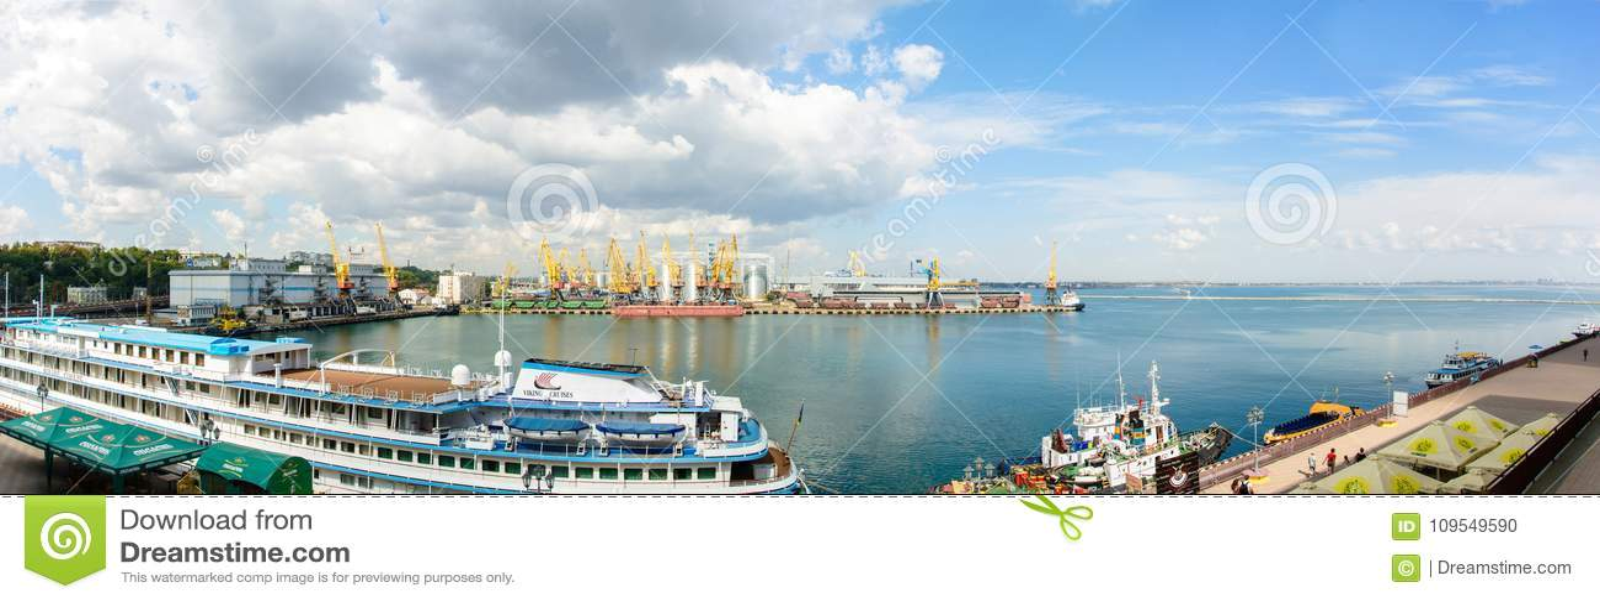 Ένα θαυμάσιο θερινό πανόραμα του λιμένα της Οδησσός με ένα όμορφο σκάφος